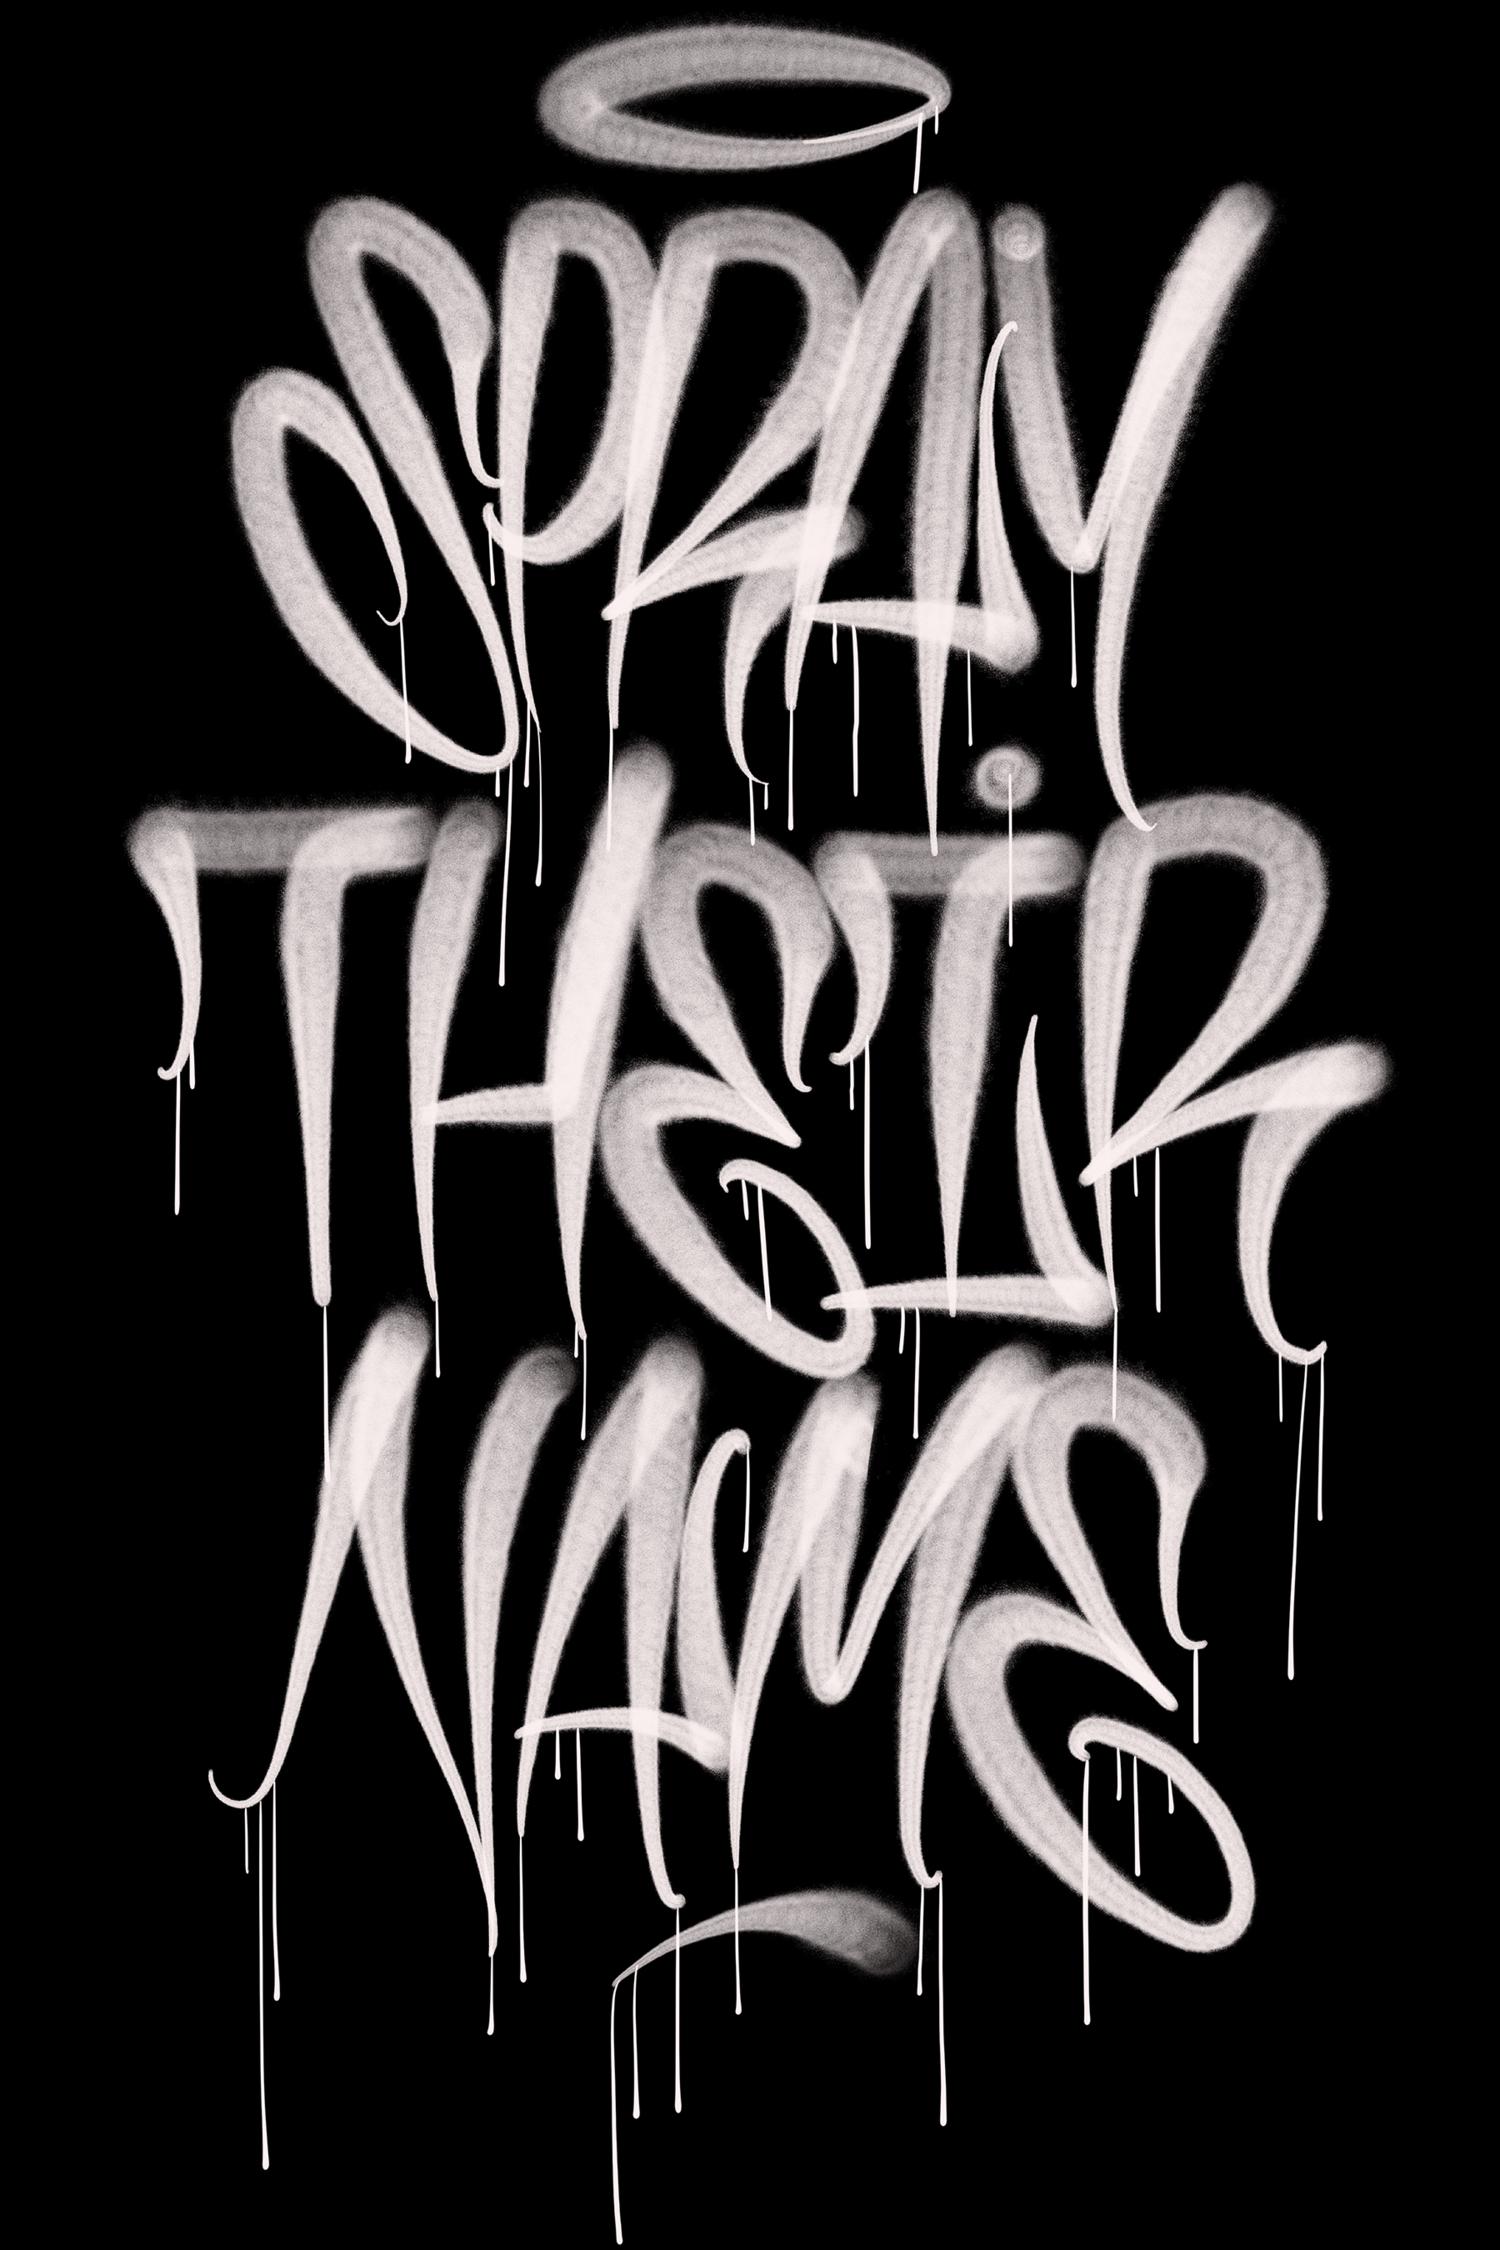 Spray Their Name